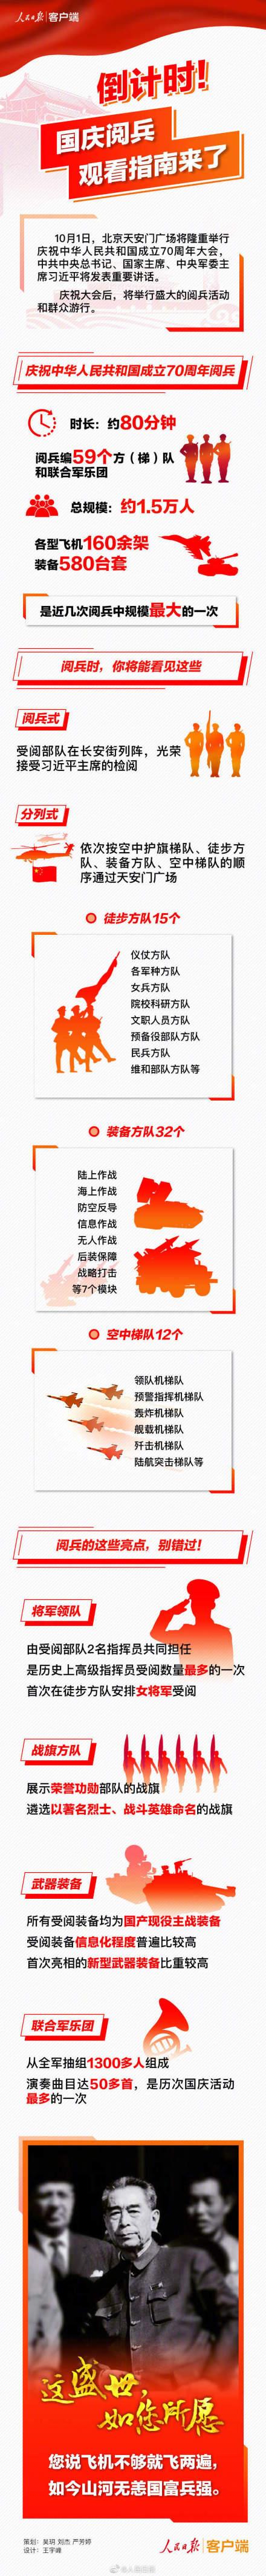 新中国成立70周年阅兵几点开始?2019年国庆大阅兵观看指南